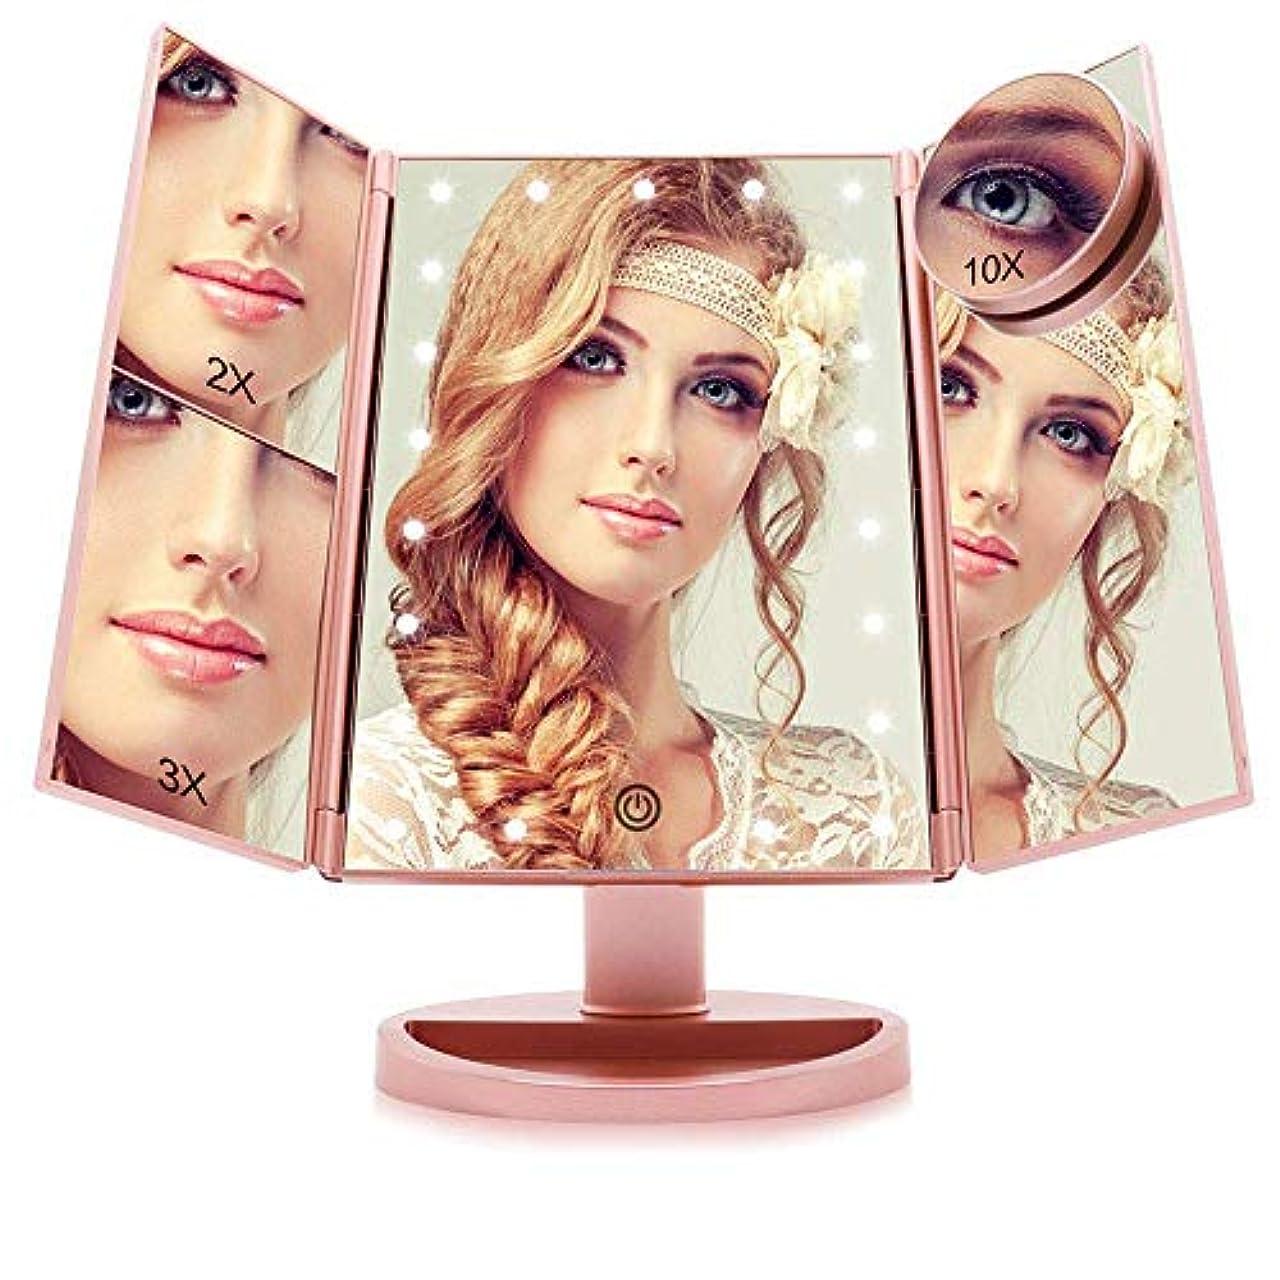 繰り返す料理厄介なFuntouch 化粧鏡 三面鏡 化粧ミラー 卓上ミラー 鏡 led付き 折りたたみ 2&3&10倍拡大鏡付き 明るさ調節可能 180°回転 プレゼント(Rose Gold)